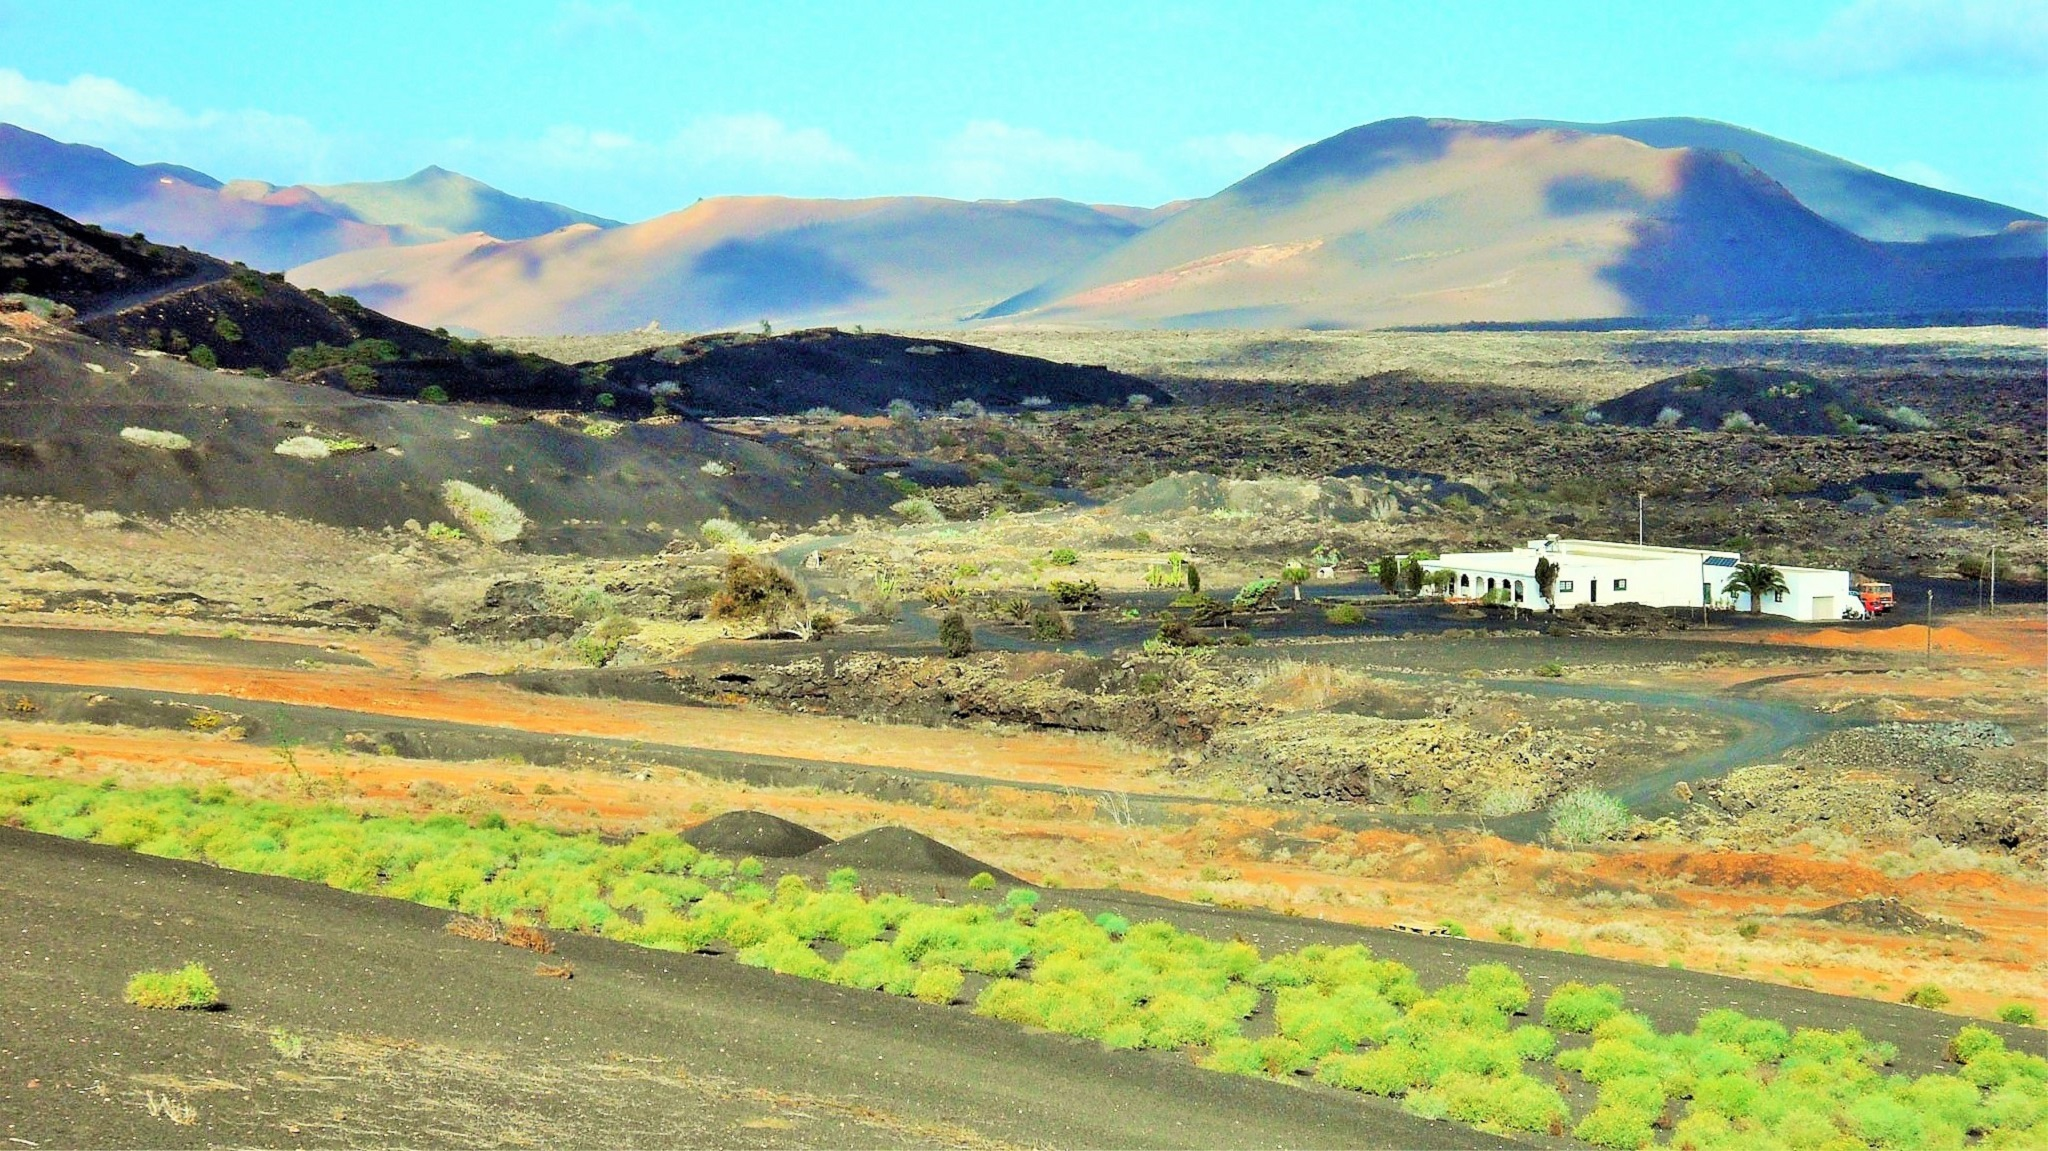 La espalda de Timanfaya, las parras y un caserón solitario